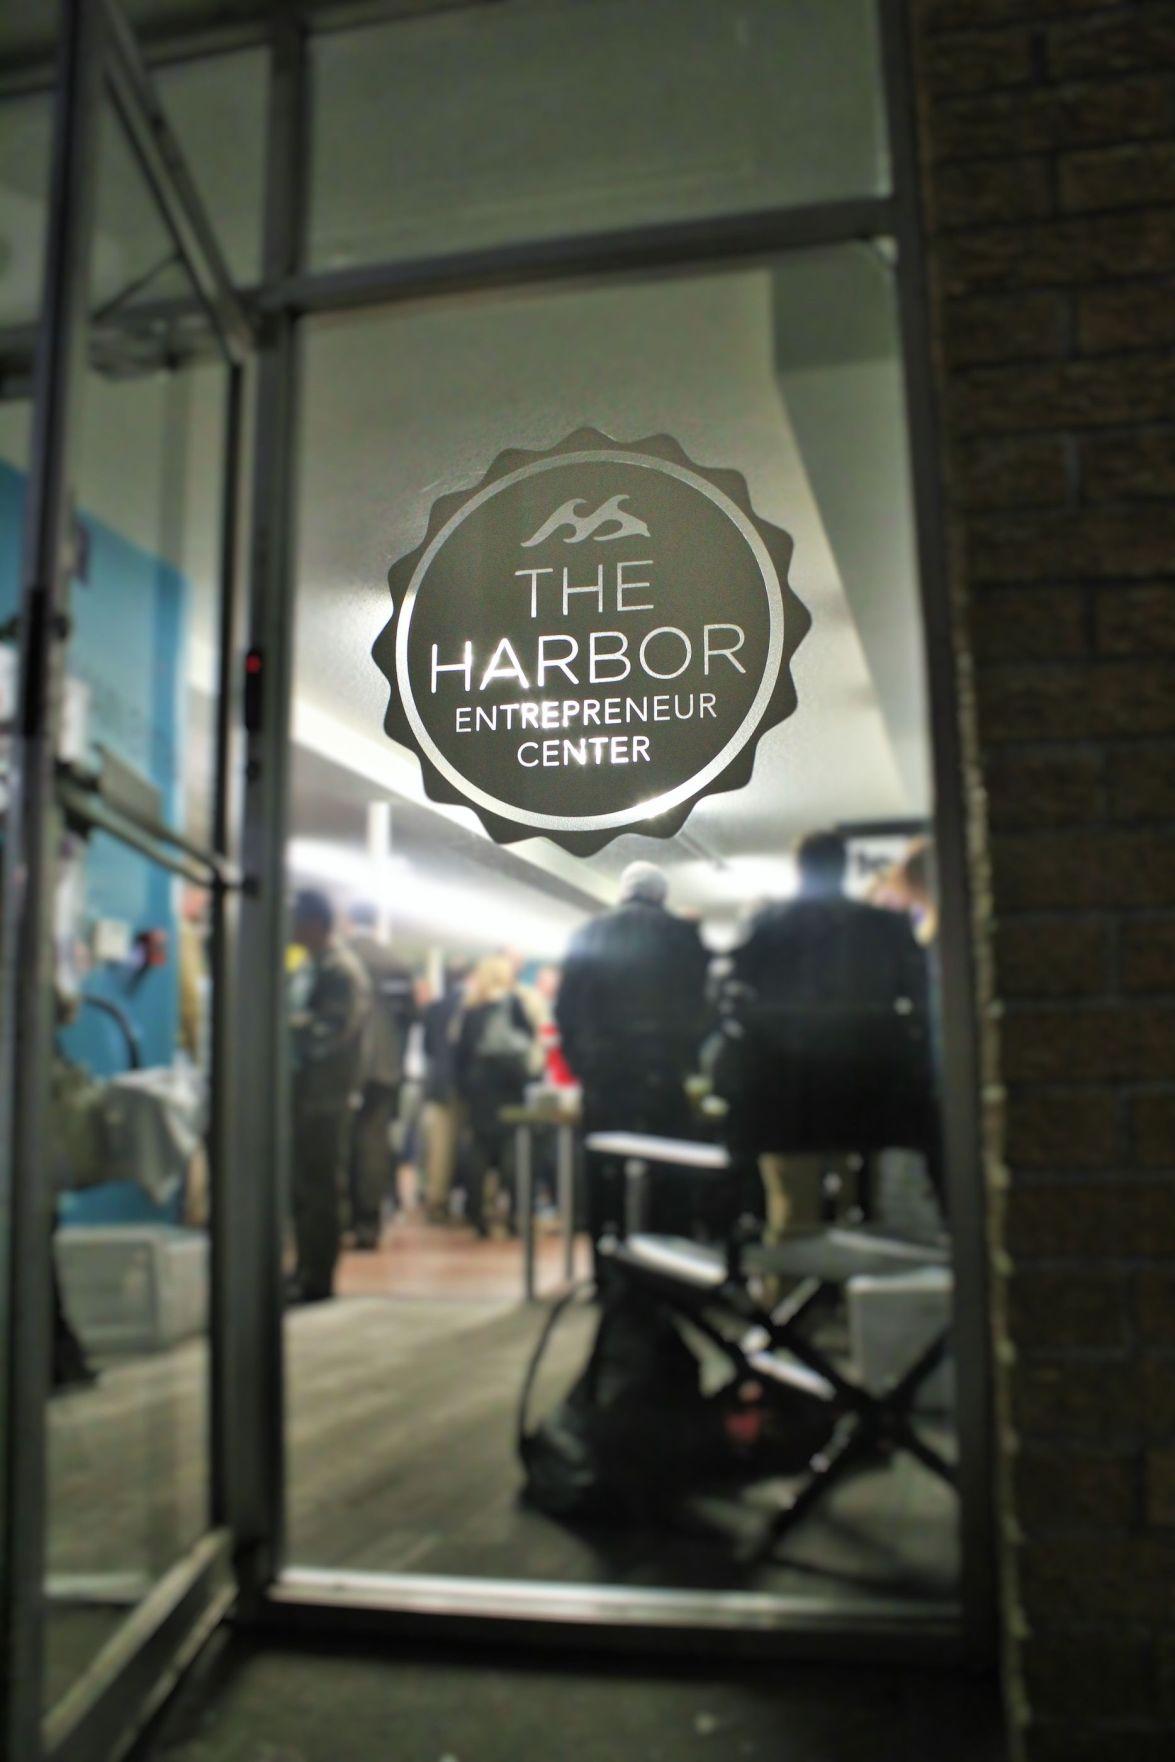 Harbor Entrepreneur Center grads to mentor student entrepreneurs this summer